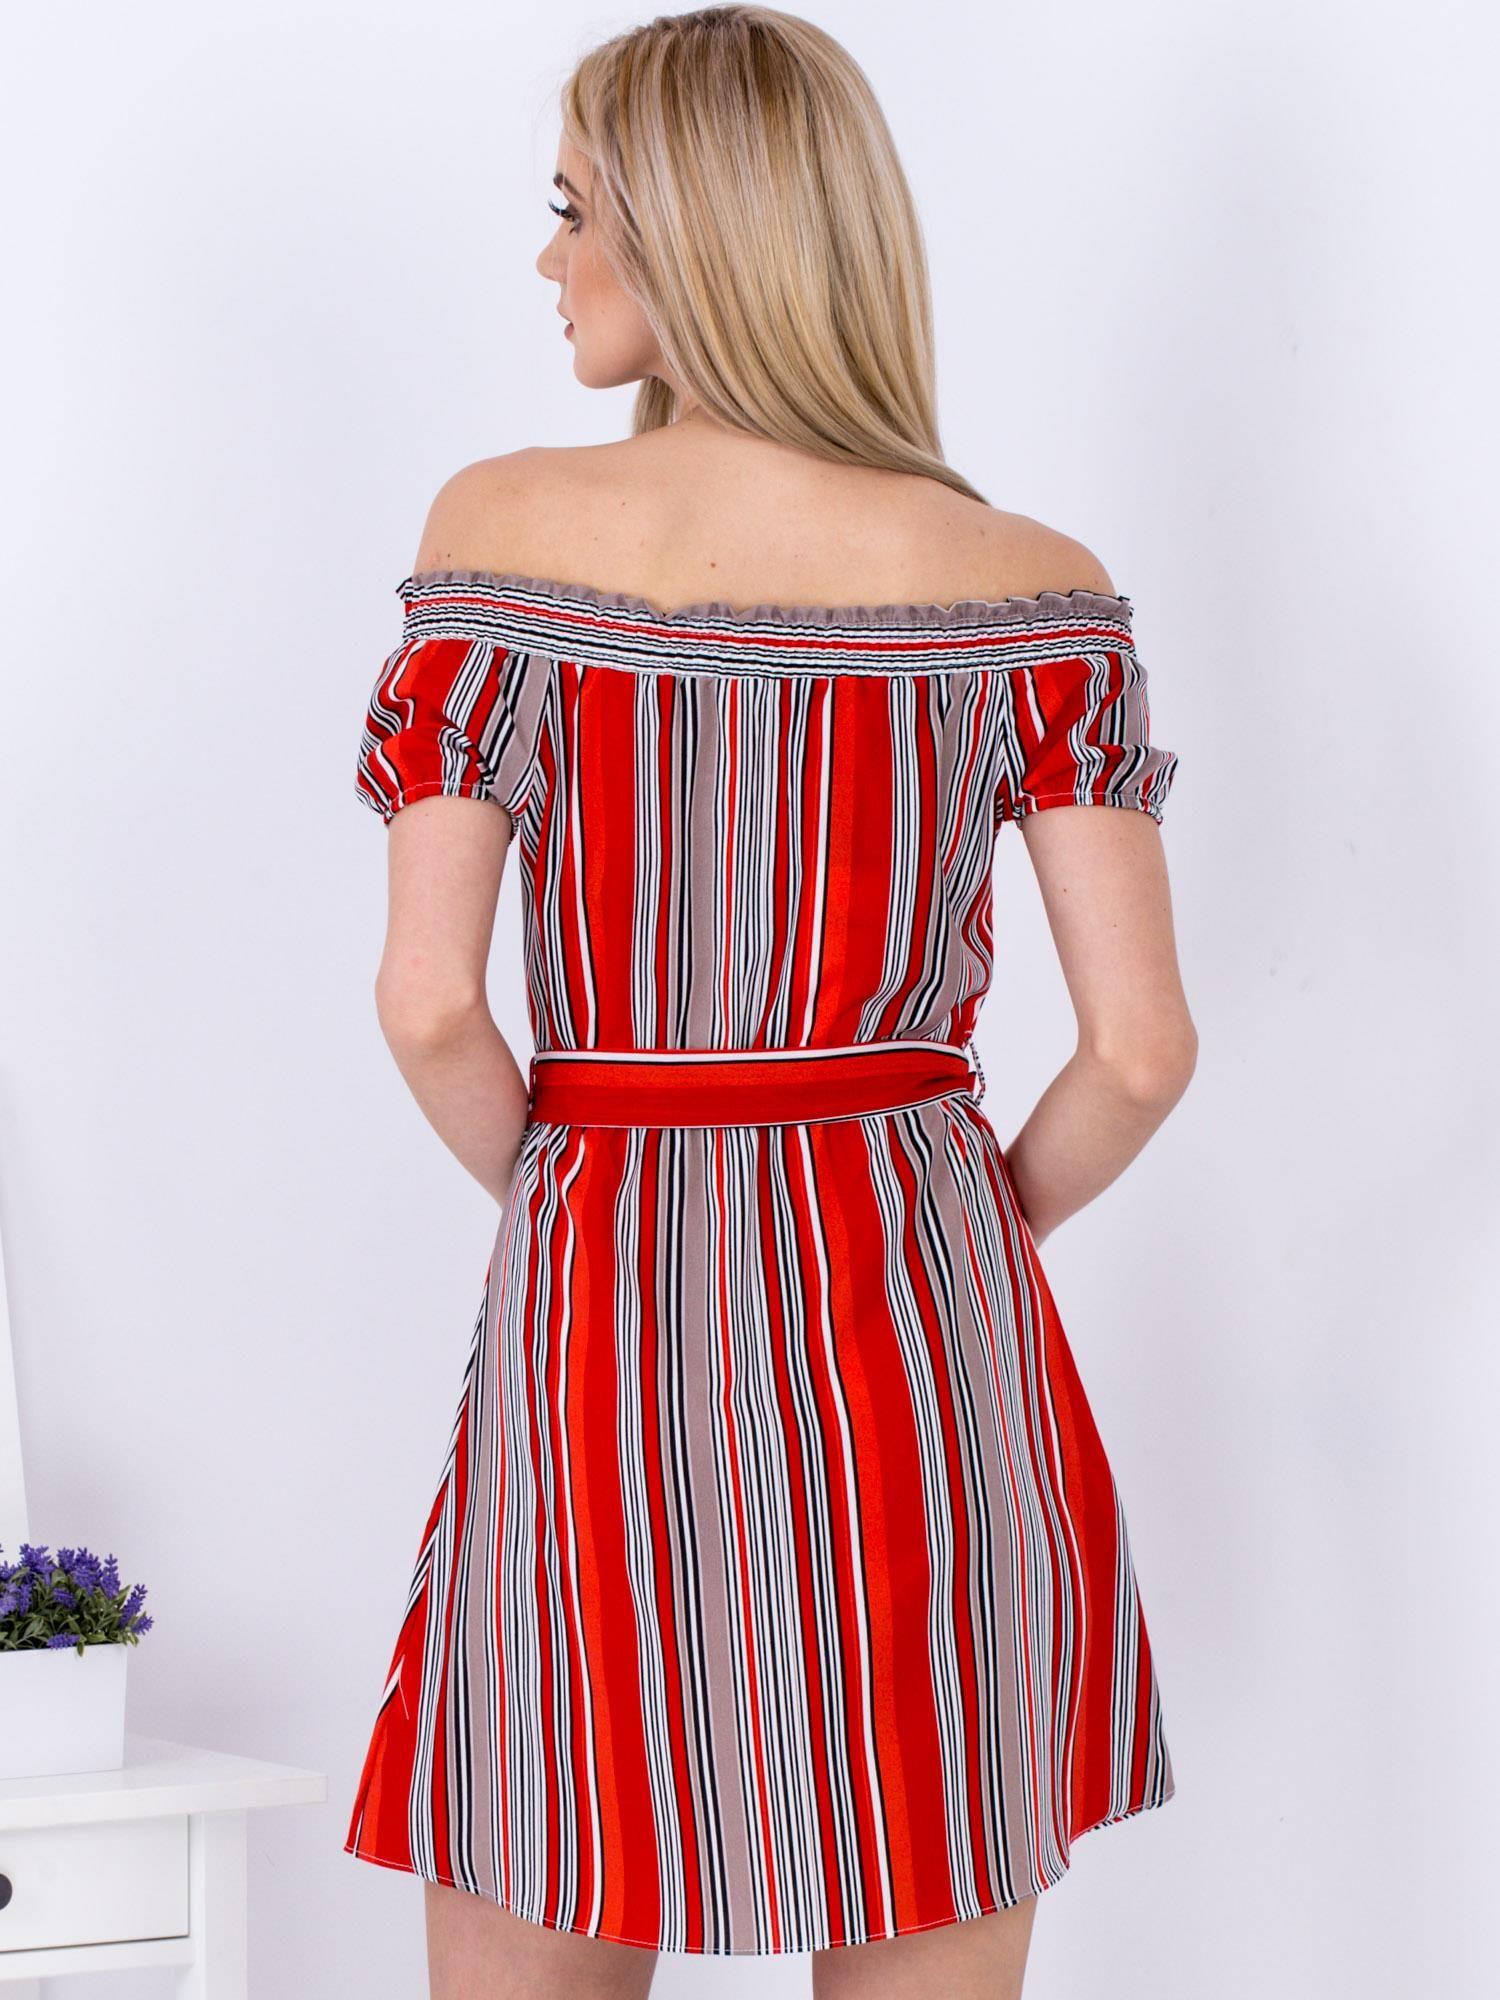 6998db5718 Sukienka czerwona z odkrytymi ramionami w paski - Sukienka ...